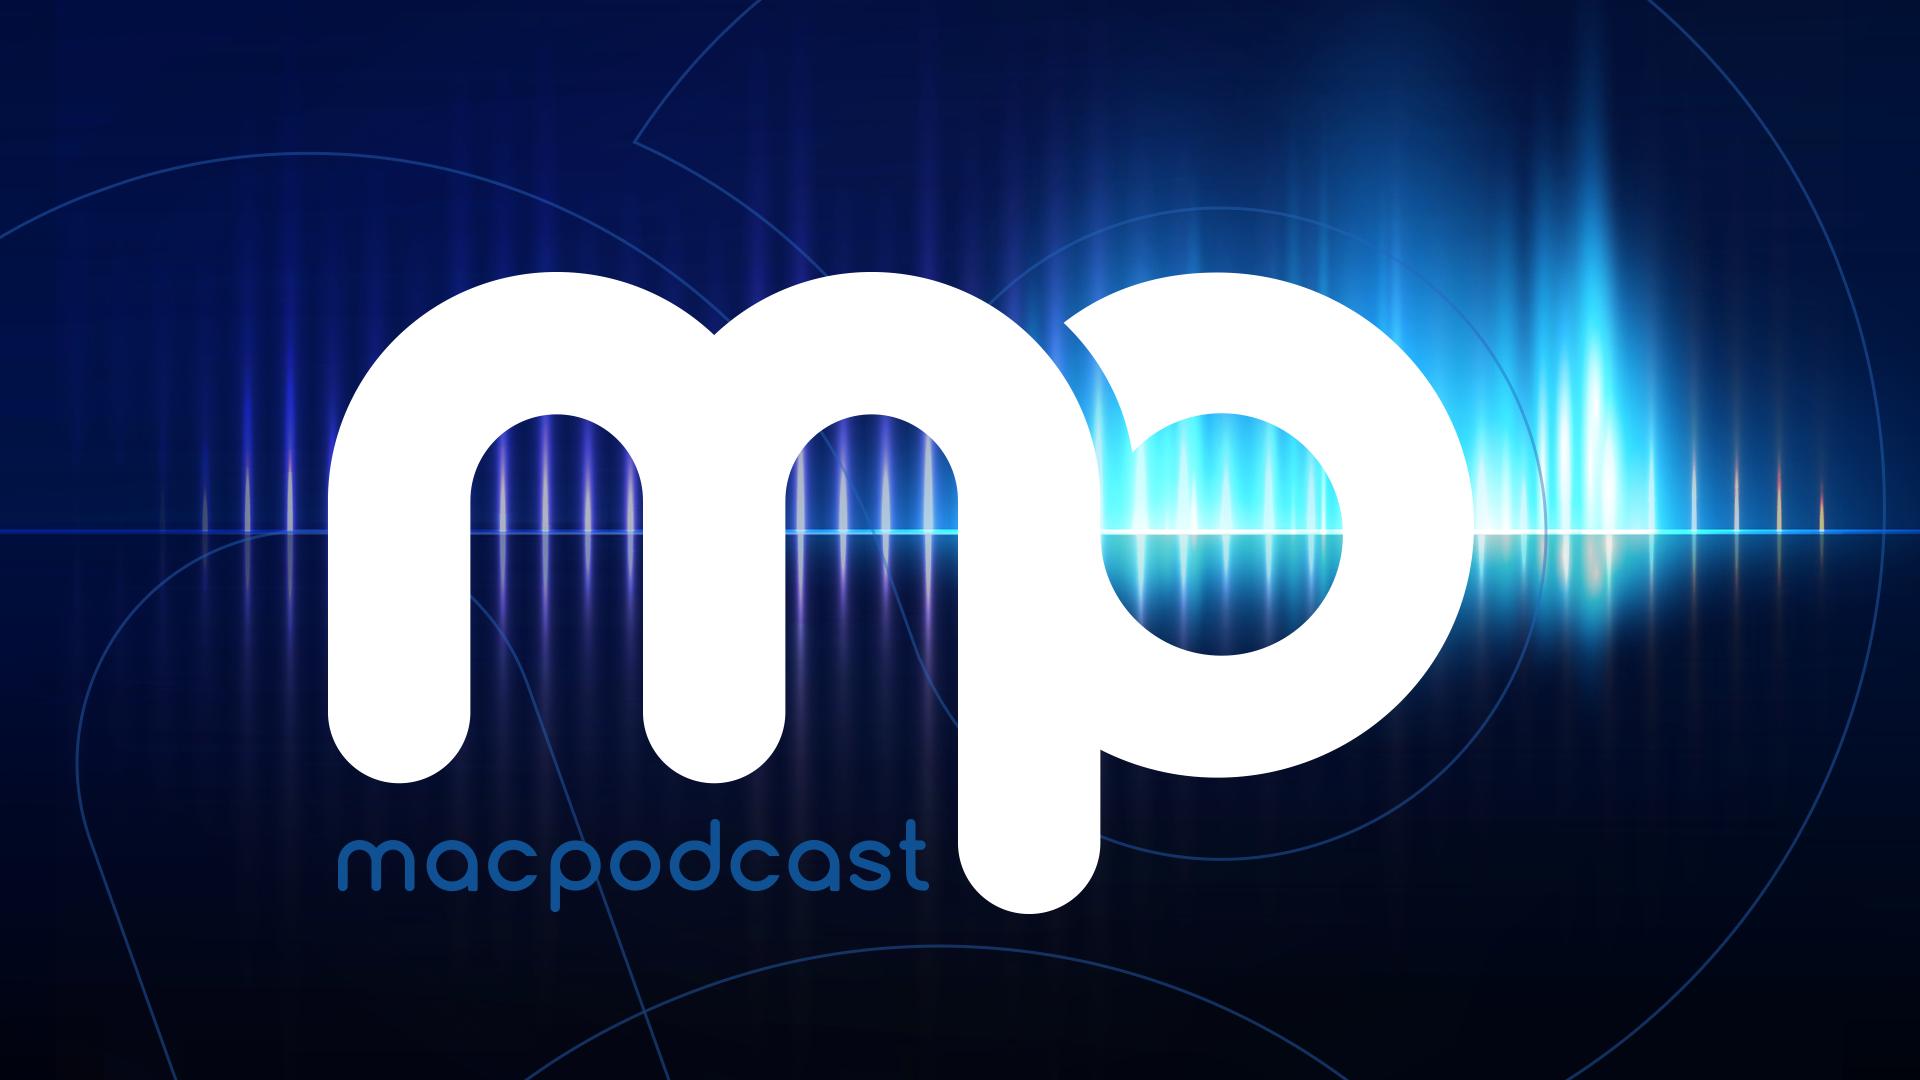 macpodcast_keyvisual_1-2